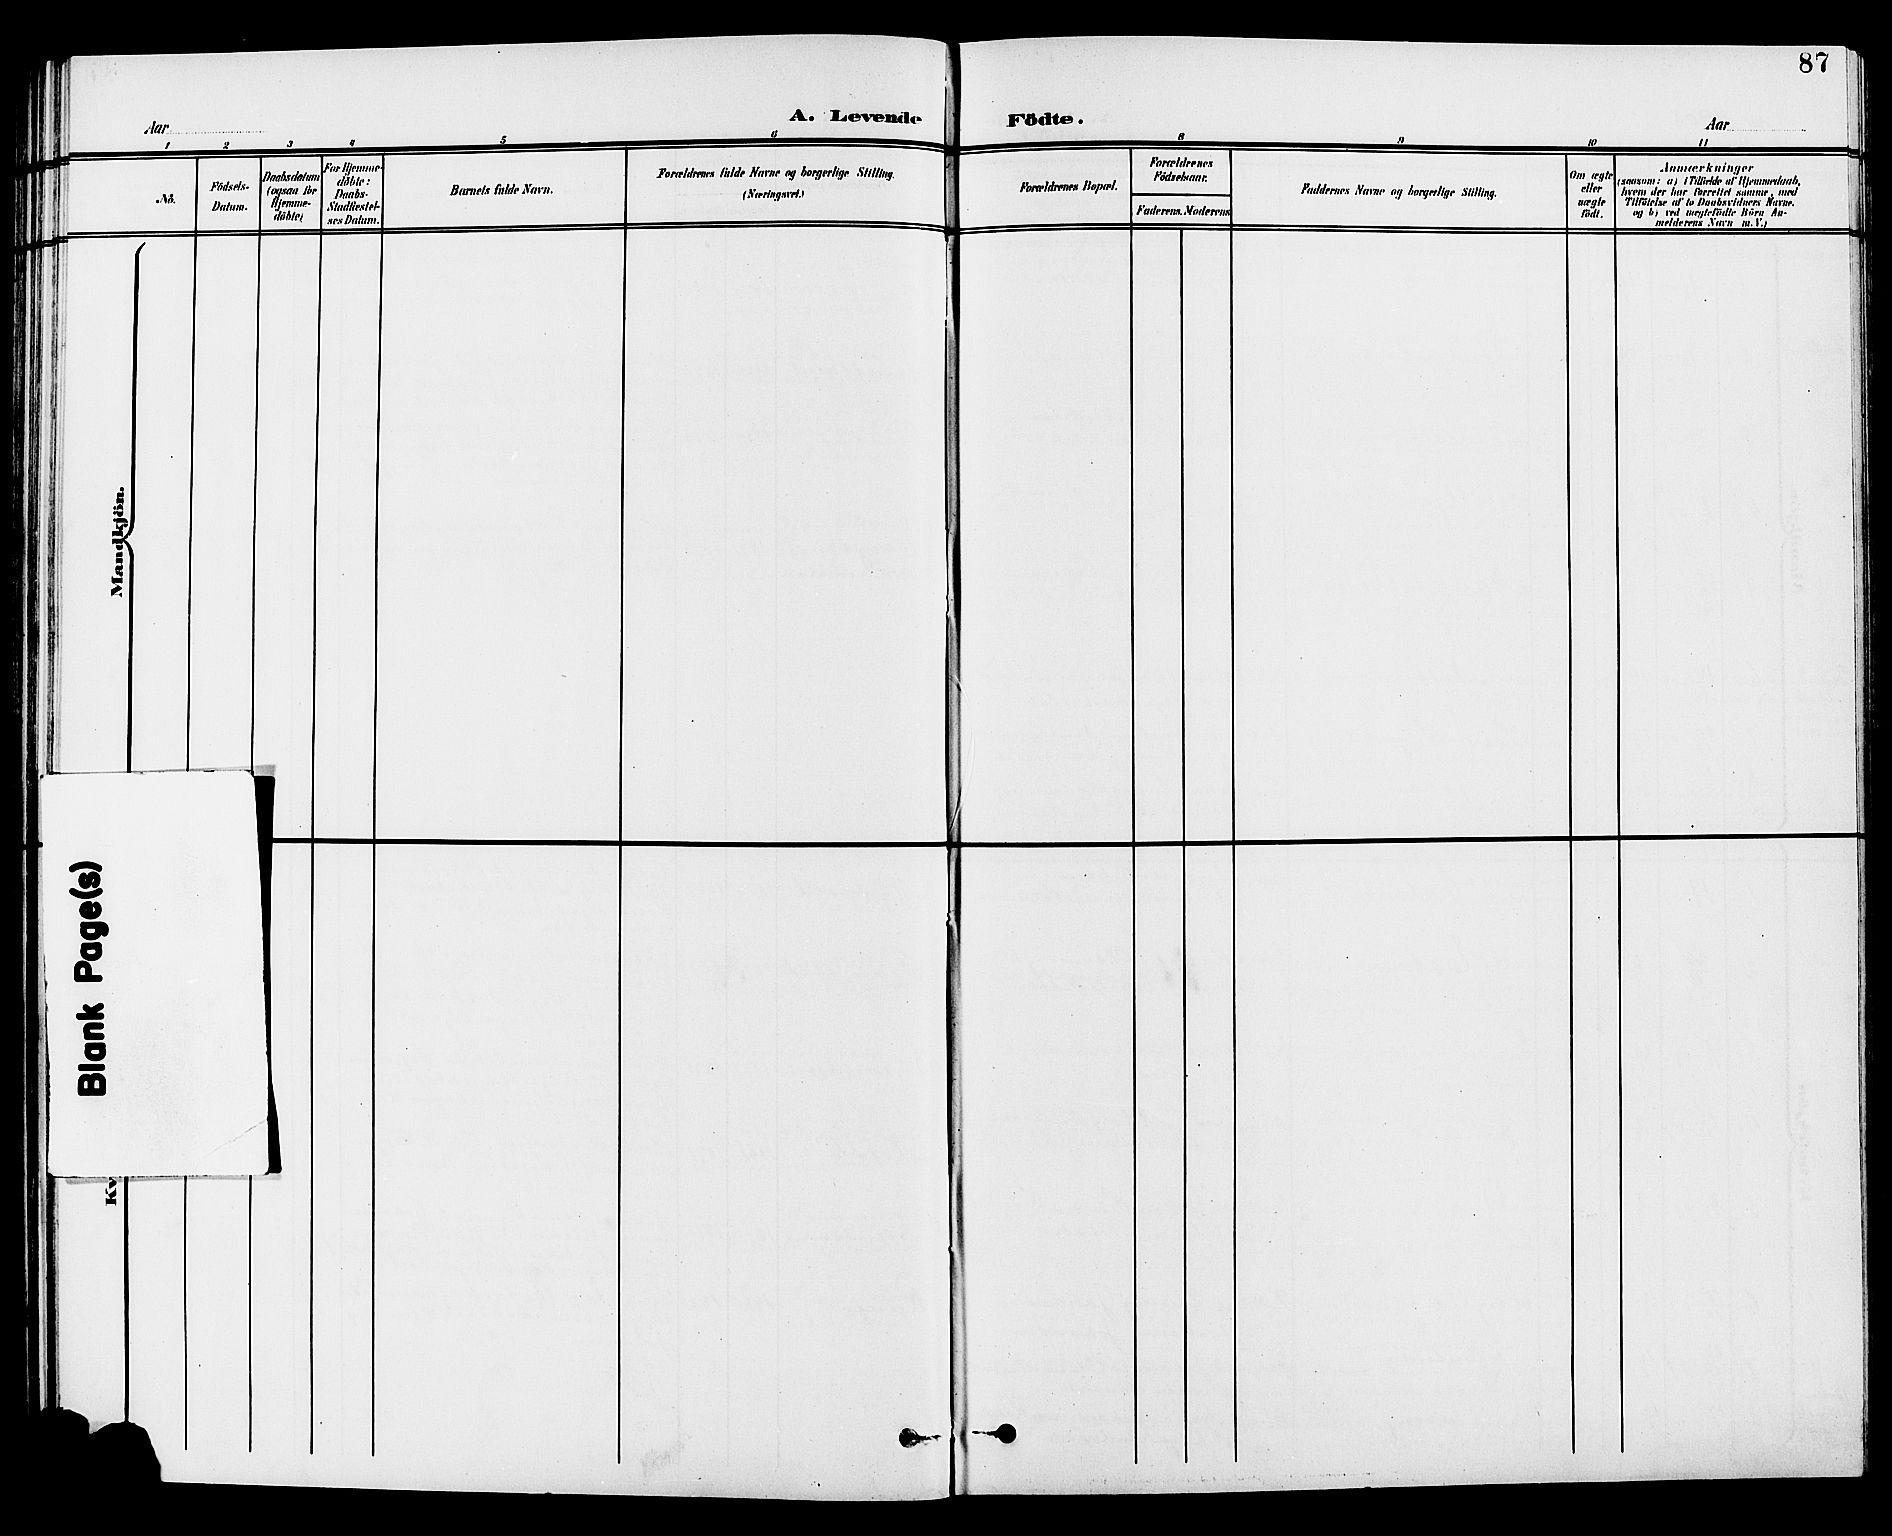 SAH, Vestre Toten prestekontor, H/Ha/Hab/L0010: Klokkerbok nr. 10, 1900-1912, s. 87